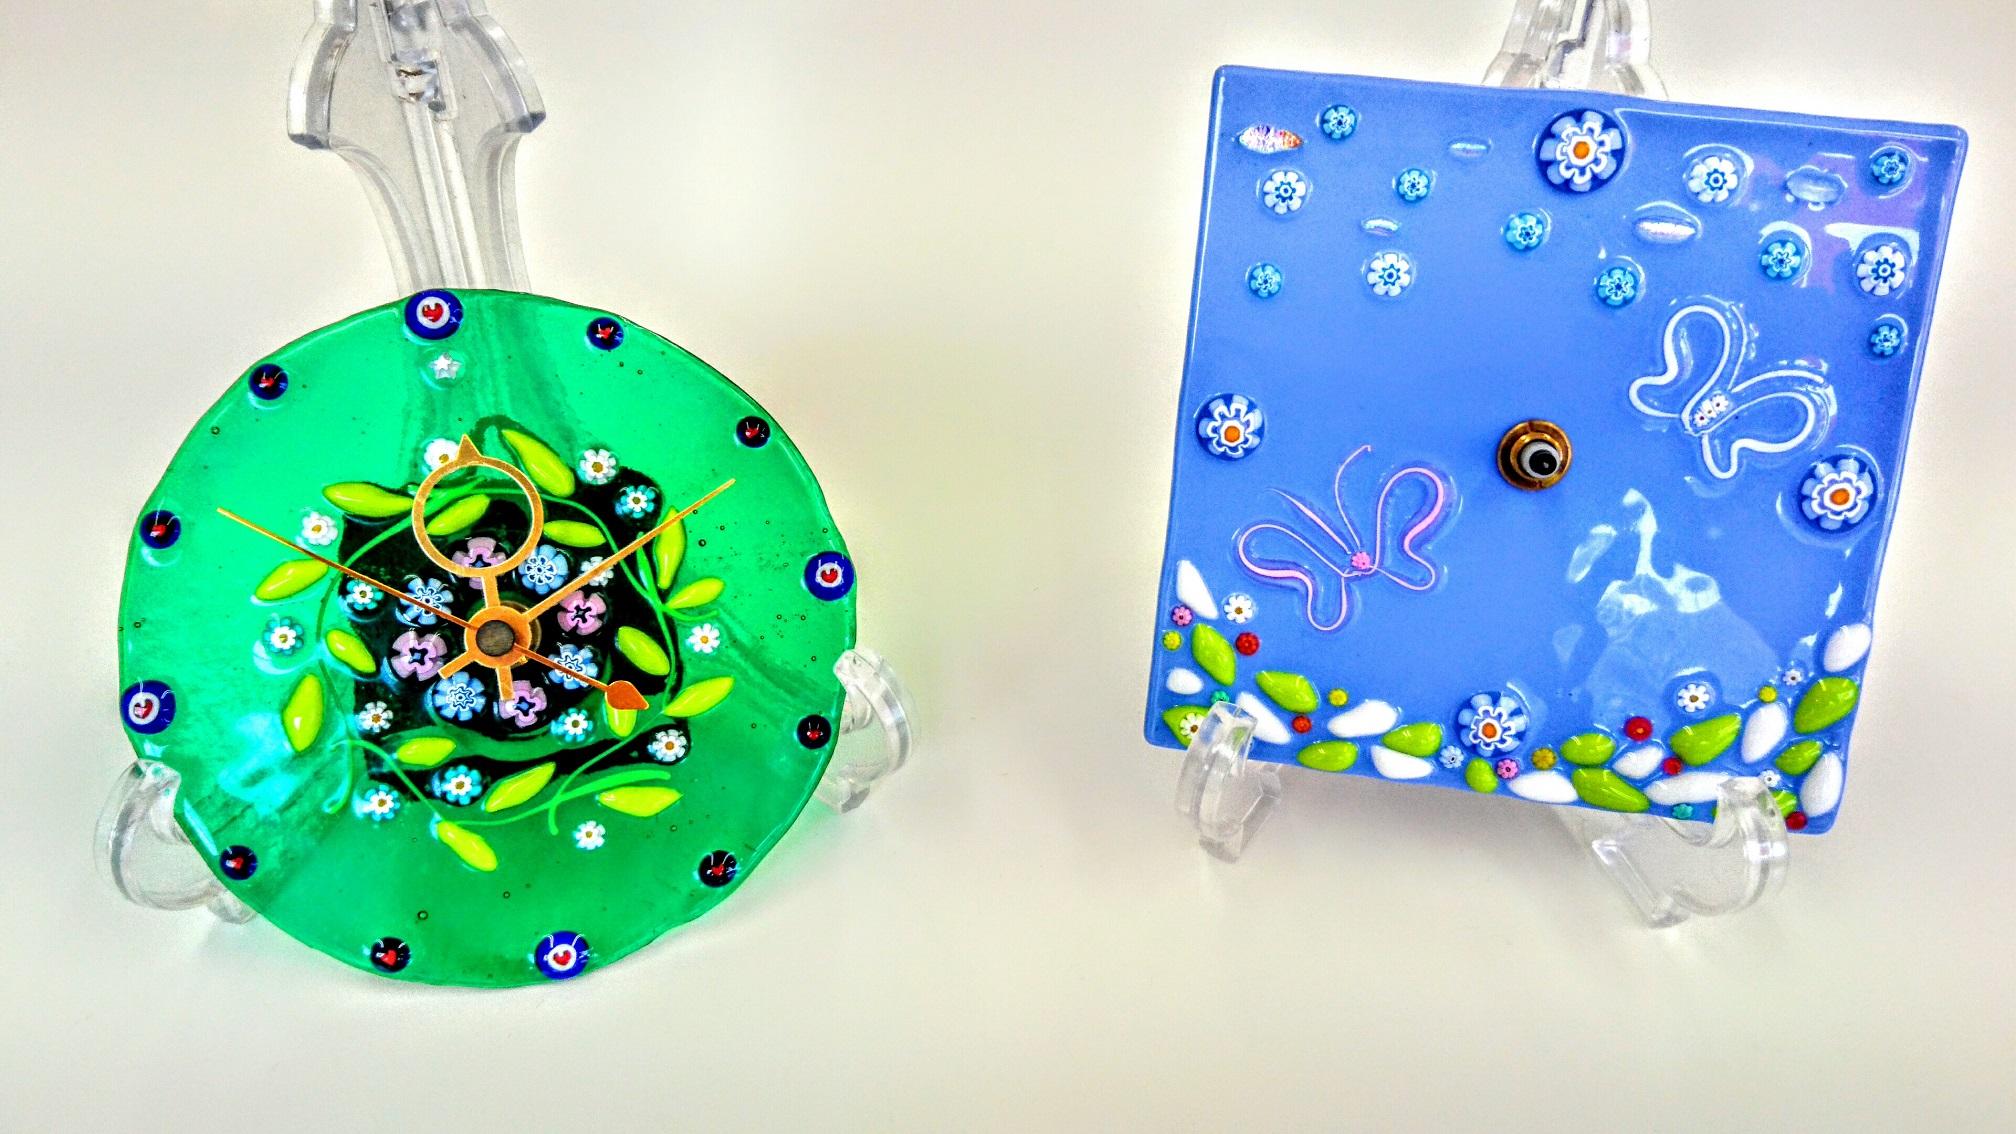 【ガラス細工・時計作り】約26色のガラスを組み合わせ、オリジナルの時計を作りまし...